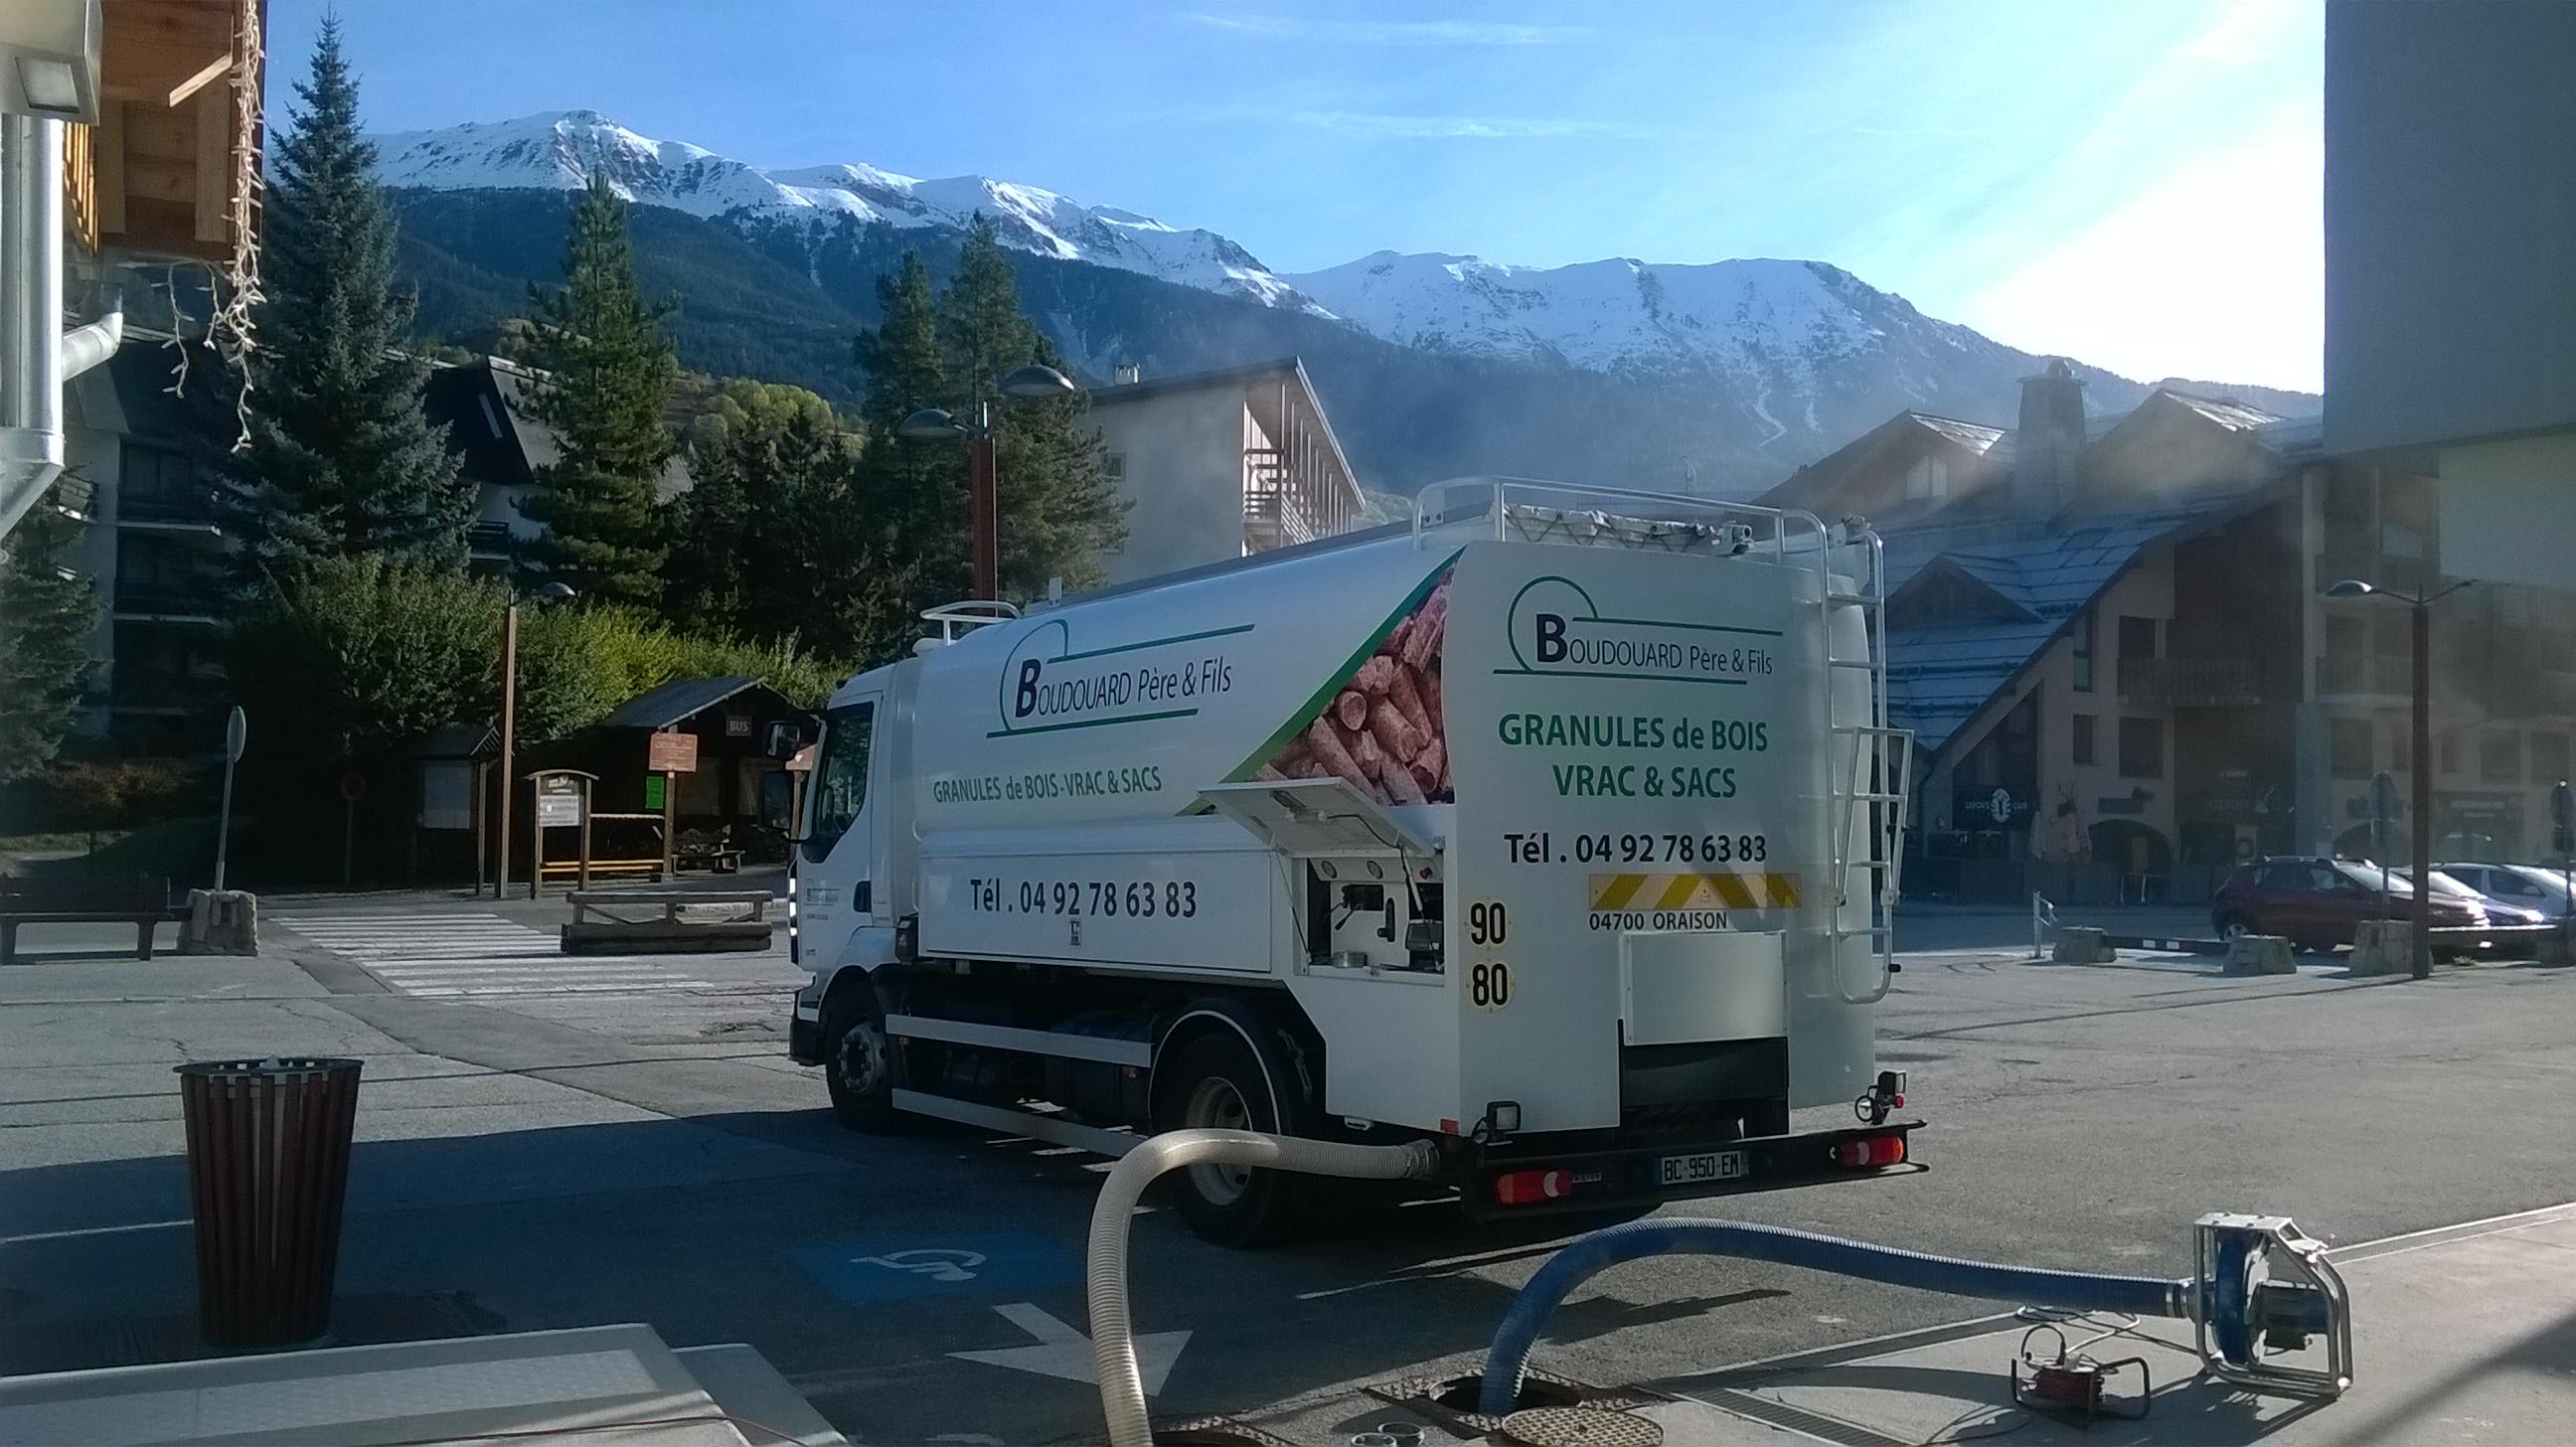 Granules de bois Vrac ~ Granulés bois Pellets Oraison (04) Manosque Alpes de Haute Provence (04) # Granulés Bois Vrac